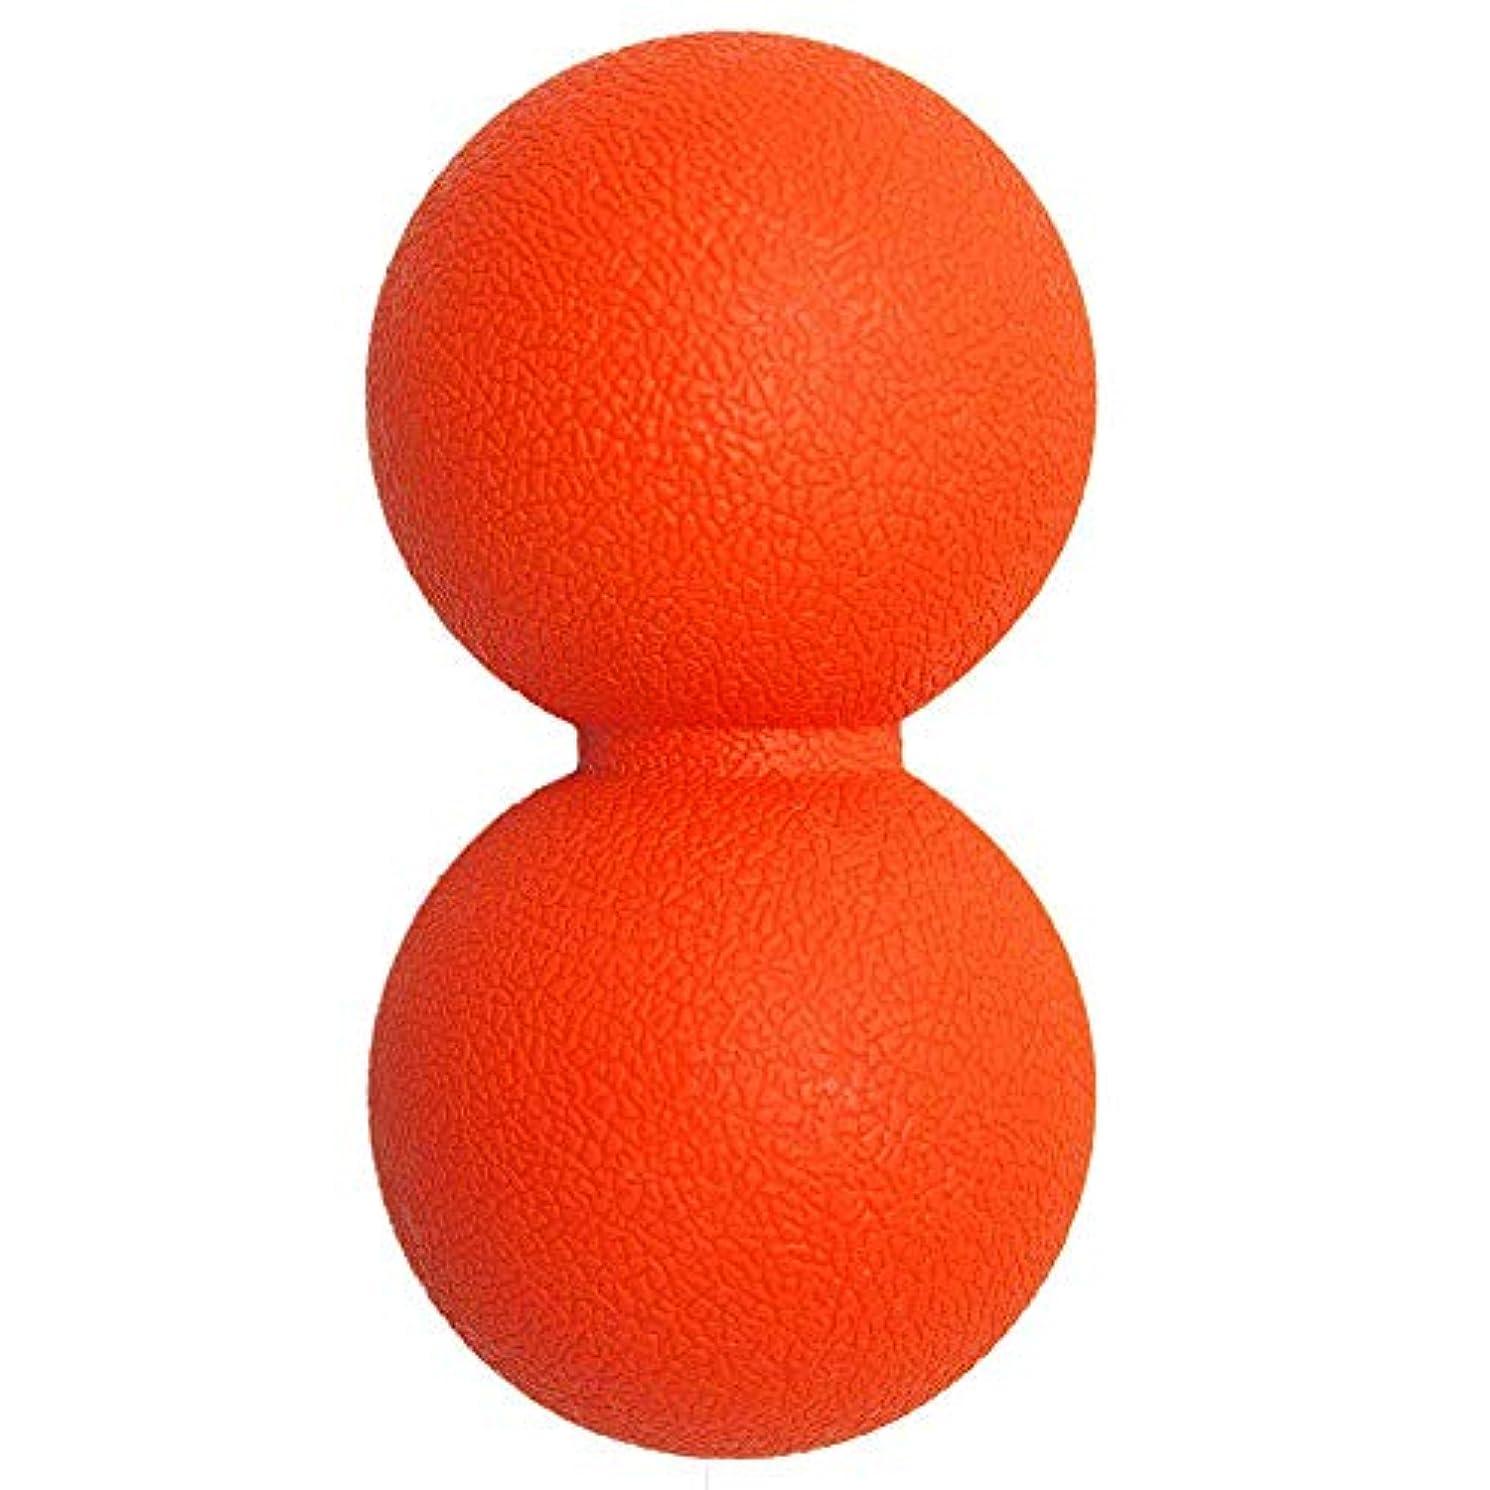 衣服驚かす情報マッサージボール 筋膜リリースストレッチボール 肩こり 腰 足裏ツボ押しグッズ 背中,オレンジ